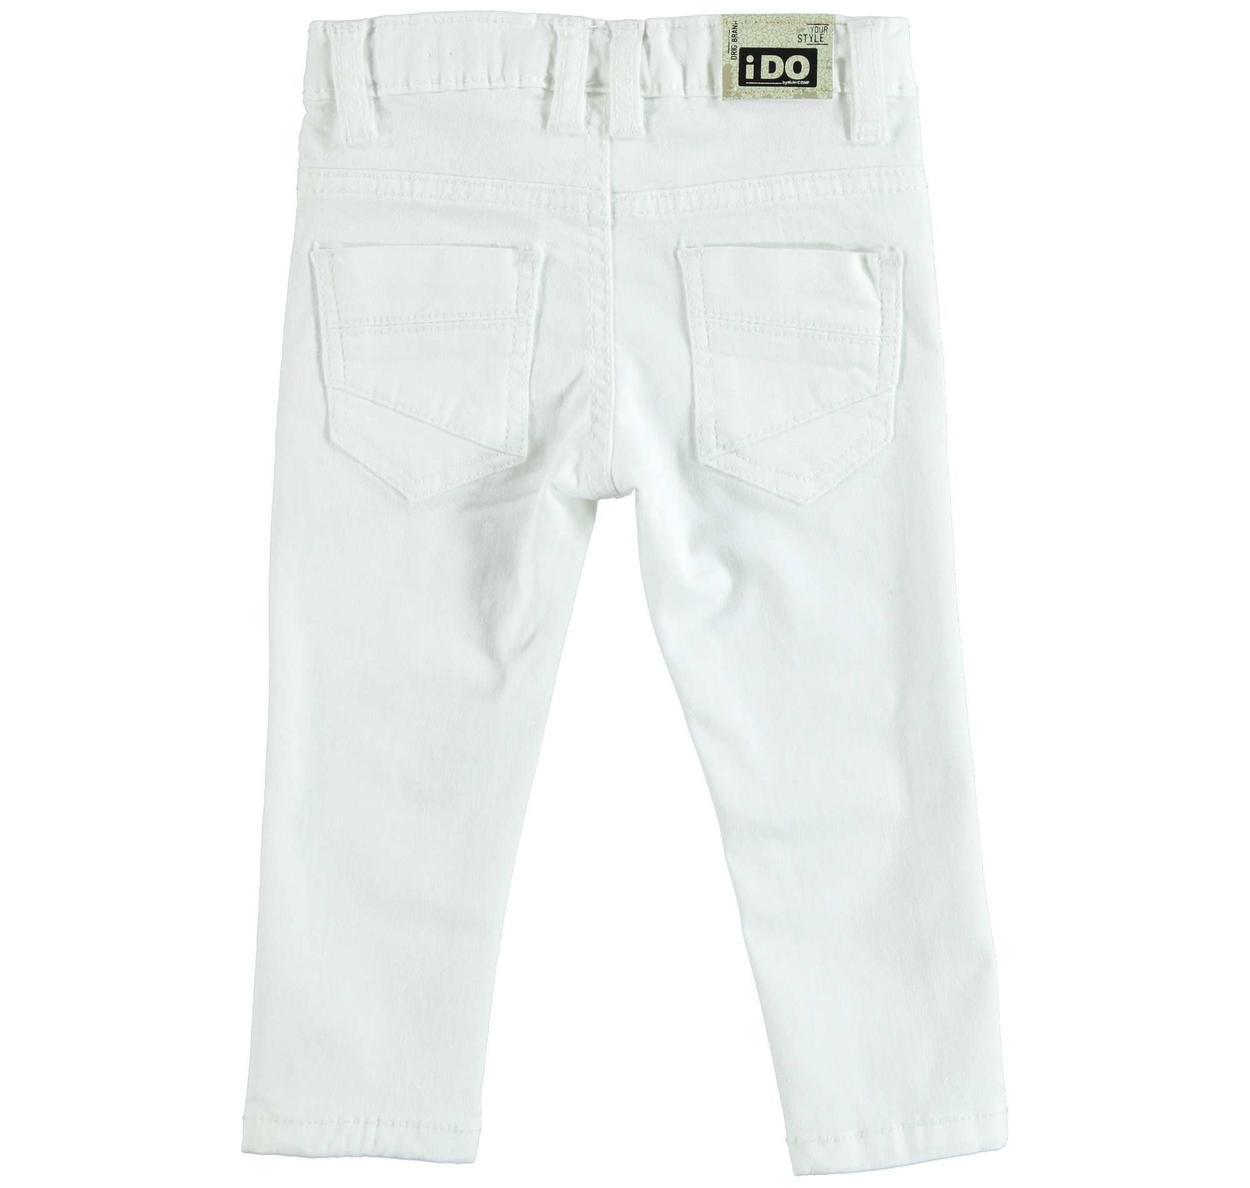 selezione premium f07fe 5c8da Pantalone slim fit tinta unita per bambino per bambino da 6 mesi a 7 anni  iDO